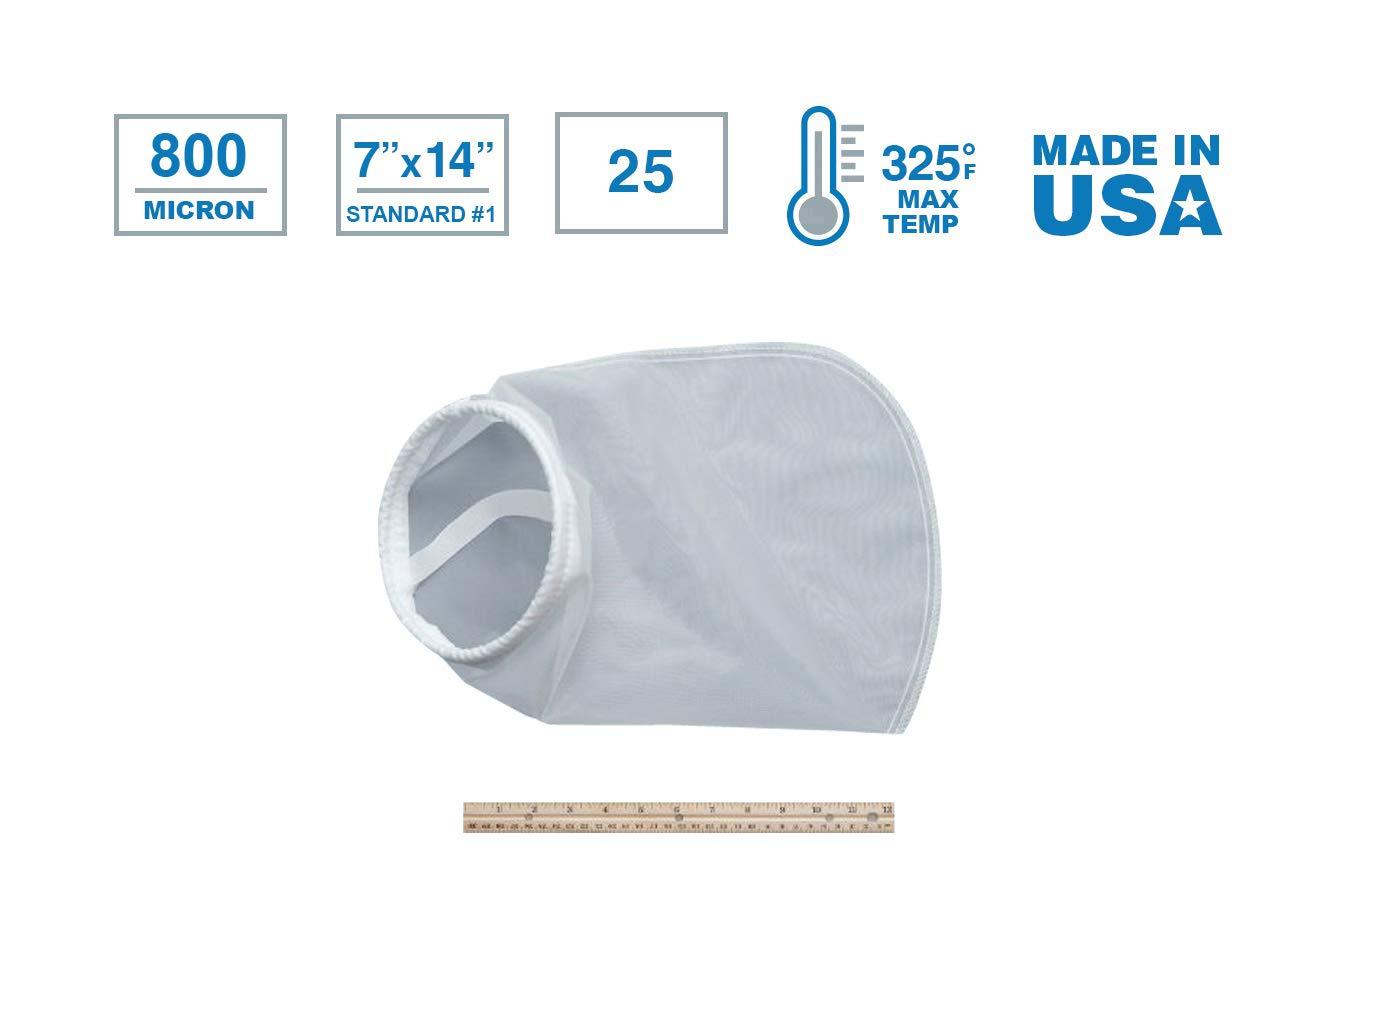 중서부 필터 NMO800P1S-25 나일론 모노 필라멘트 메쉬 액체 필터 백 800 미크론 스틸 링 크기 1PK | 25